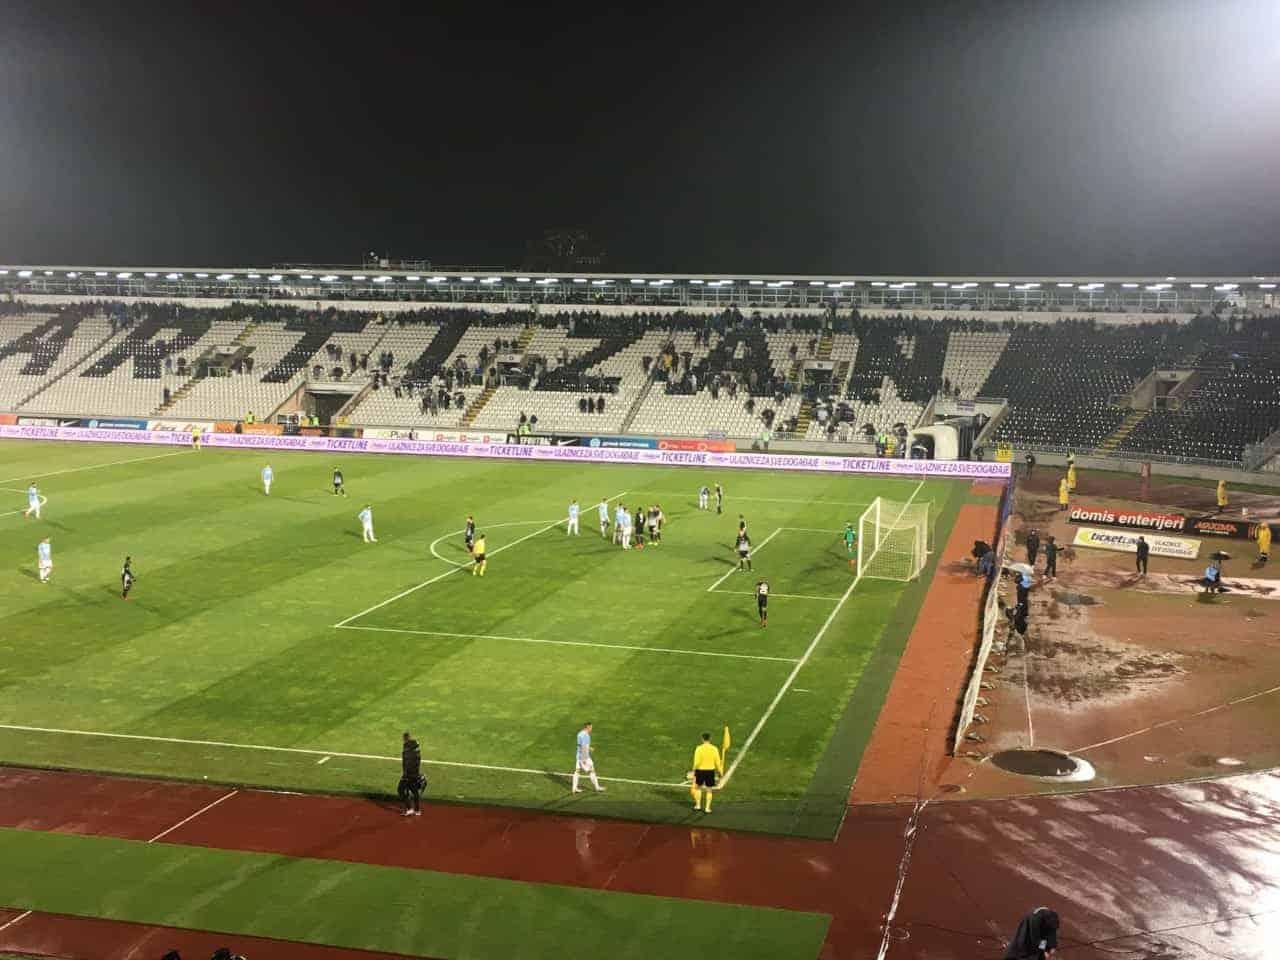 セルビア スーペルリーガ 志村 謄 選手の活躍 - 海外サッカー留学なら ...